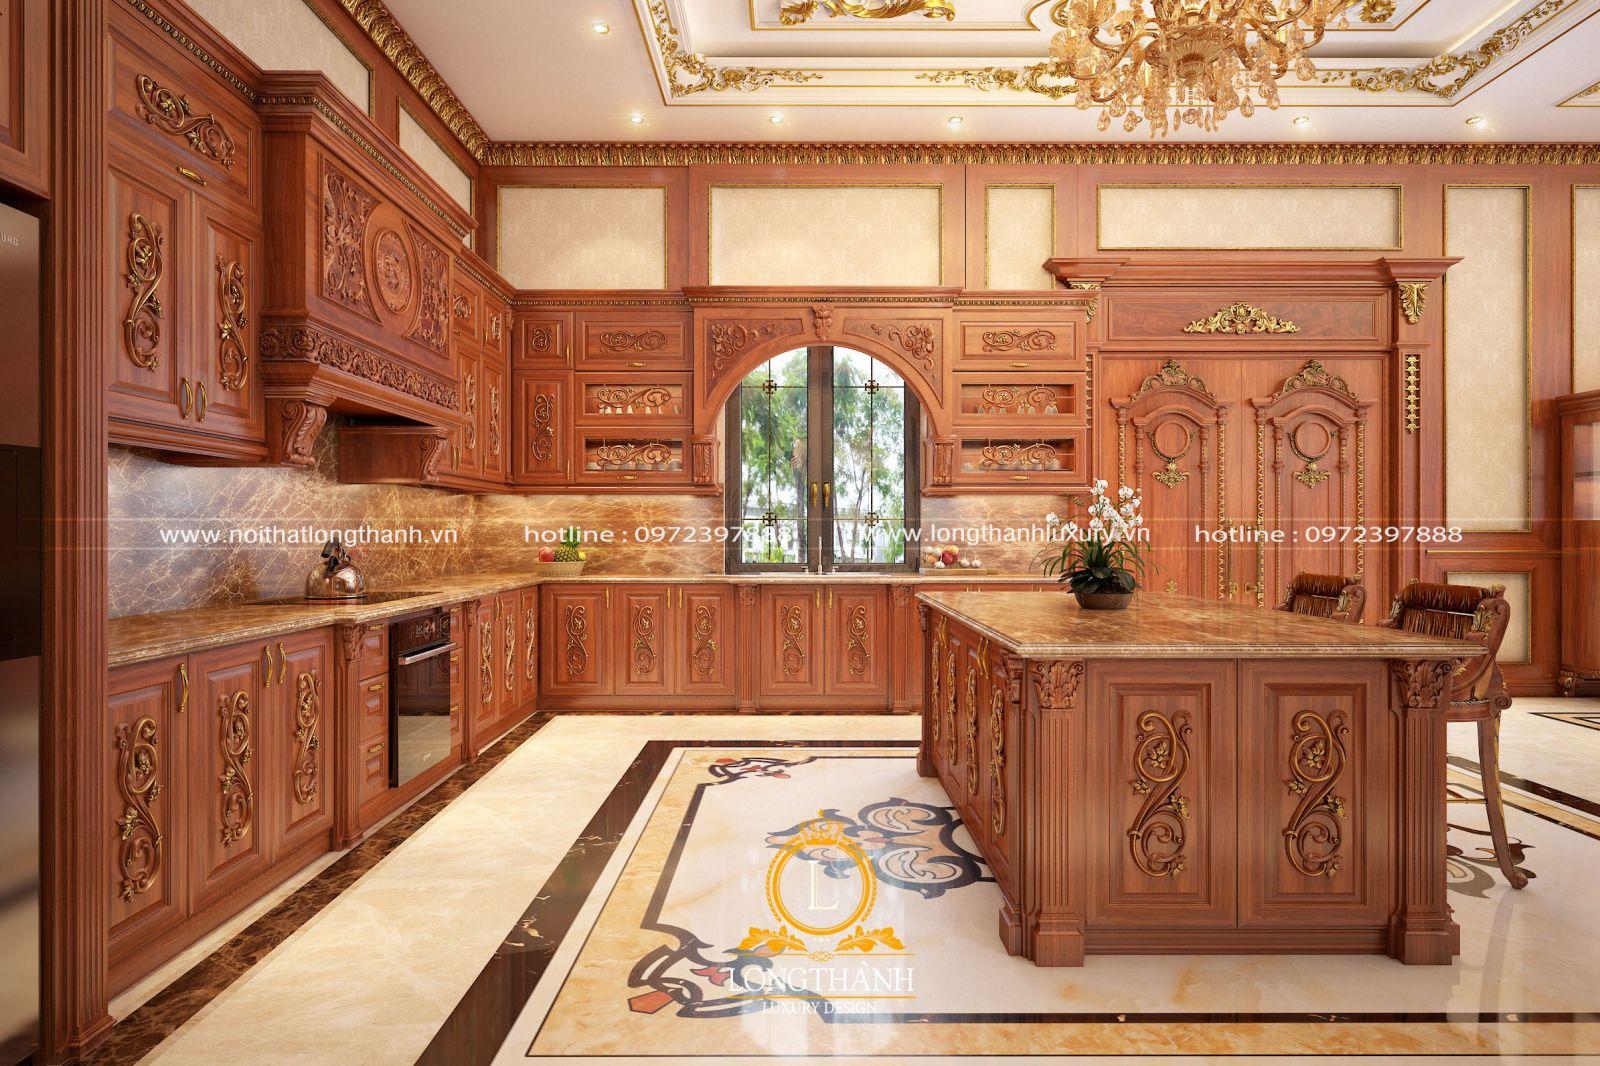 Tủ bếp tân cổ điển gỗ Gõ tự nhiên